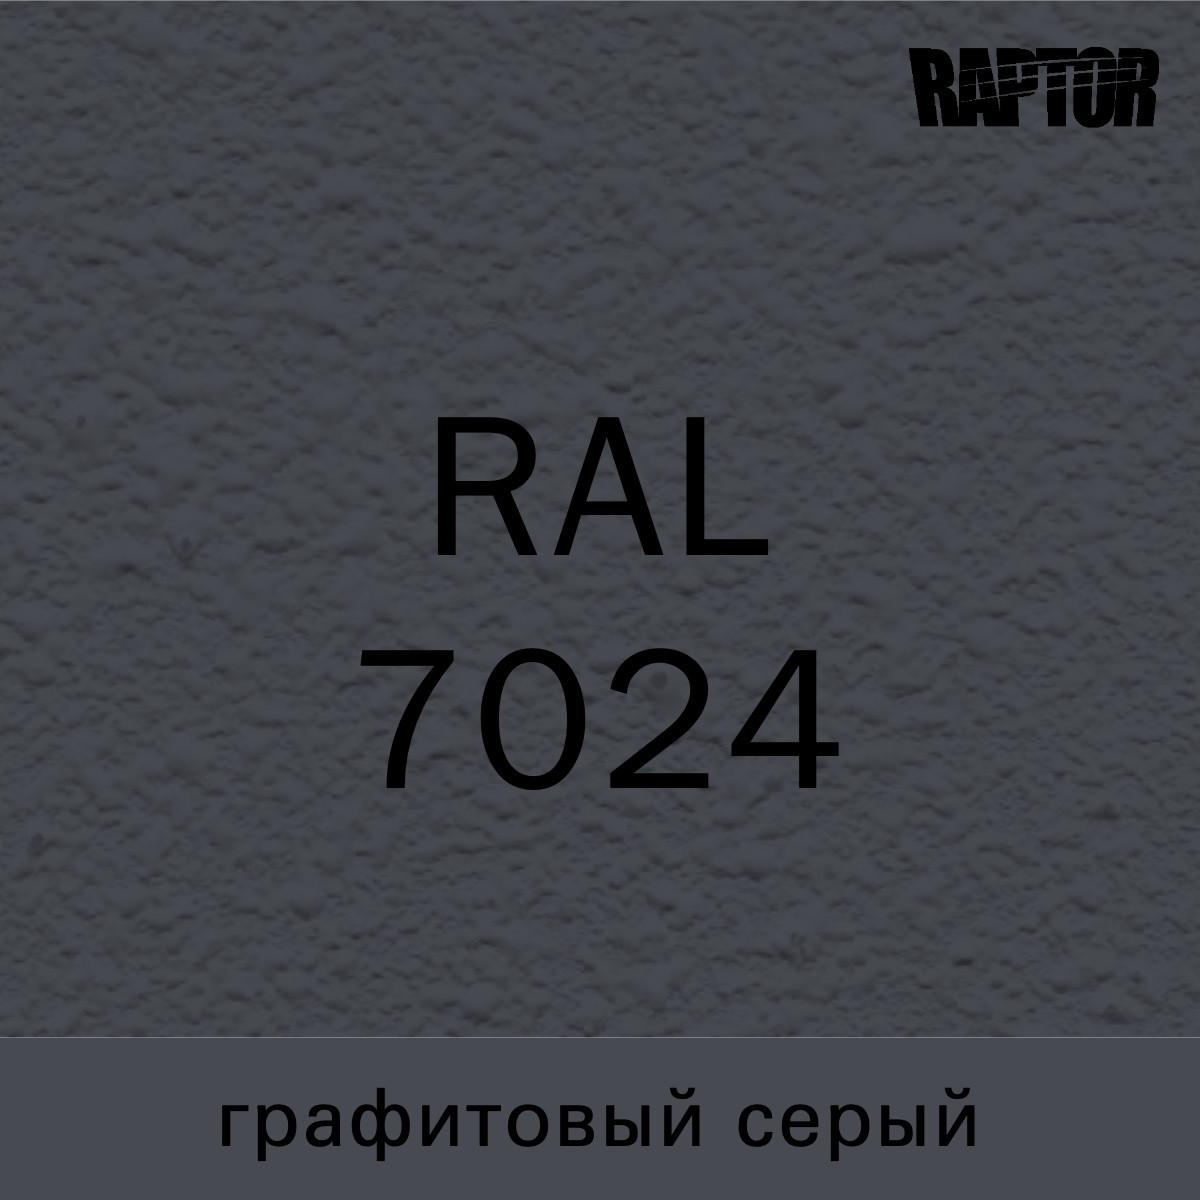 Пігмент для колеровки покриття RAPTOR™ Графітово-сірий (RAL 7024)